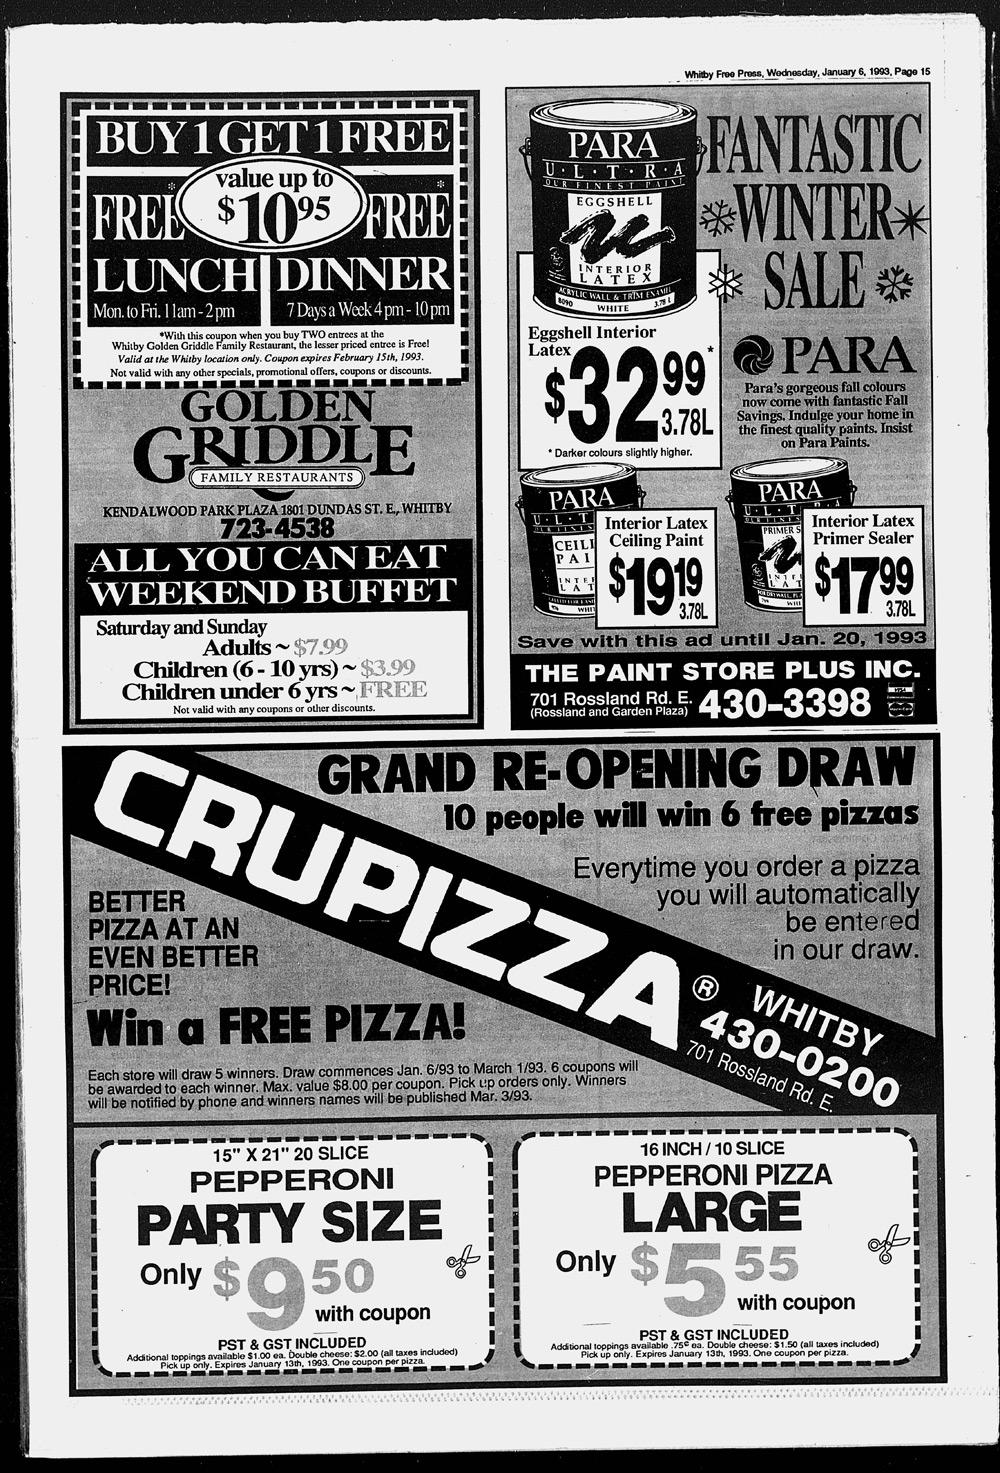 Whitby Free Press, 6 Jan 1993